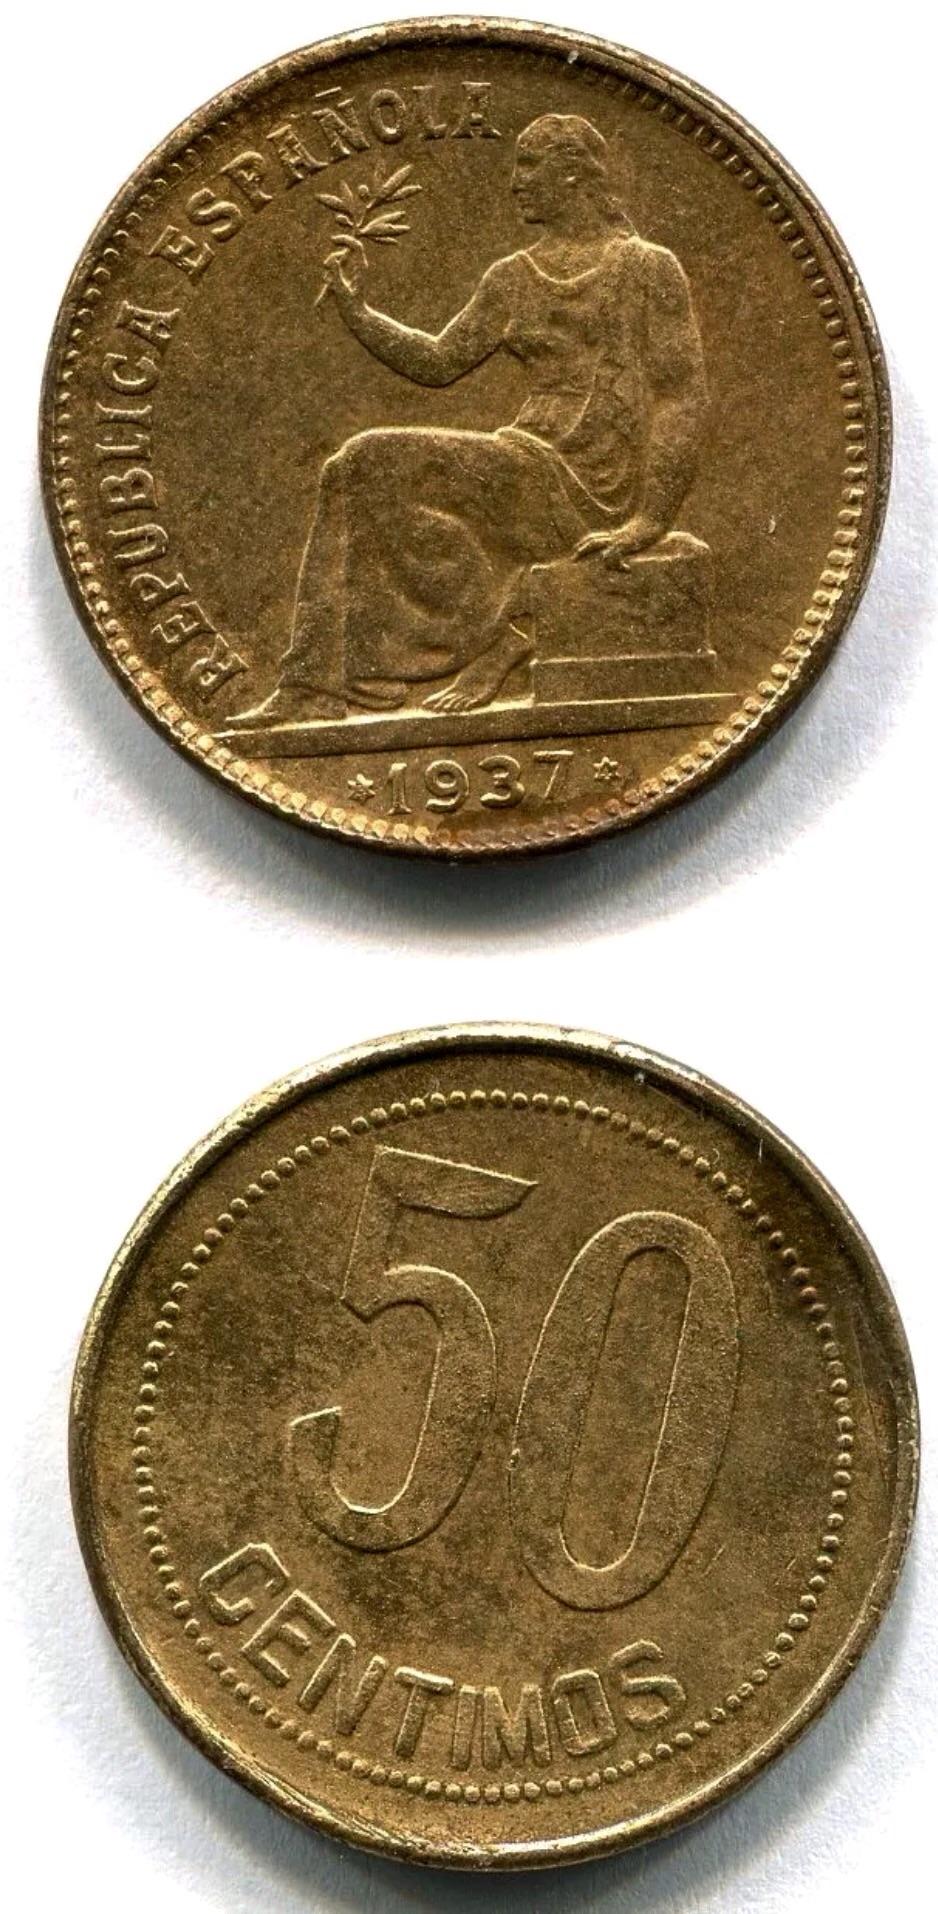 50 céntimos 1937 (3-4) República Española - Página 2 Image